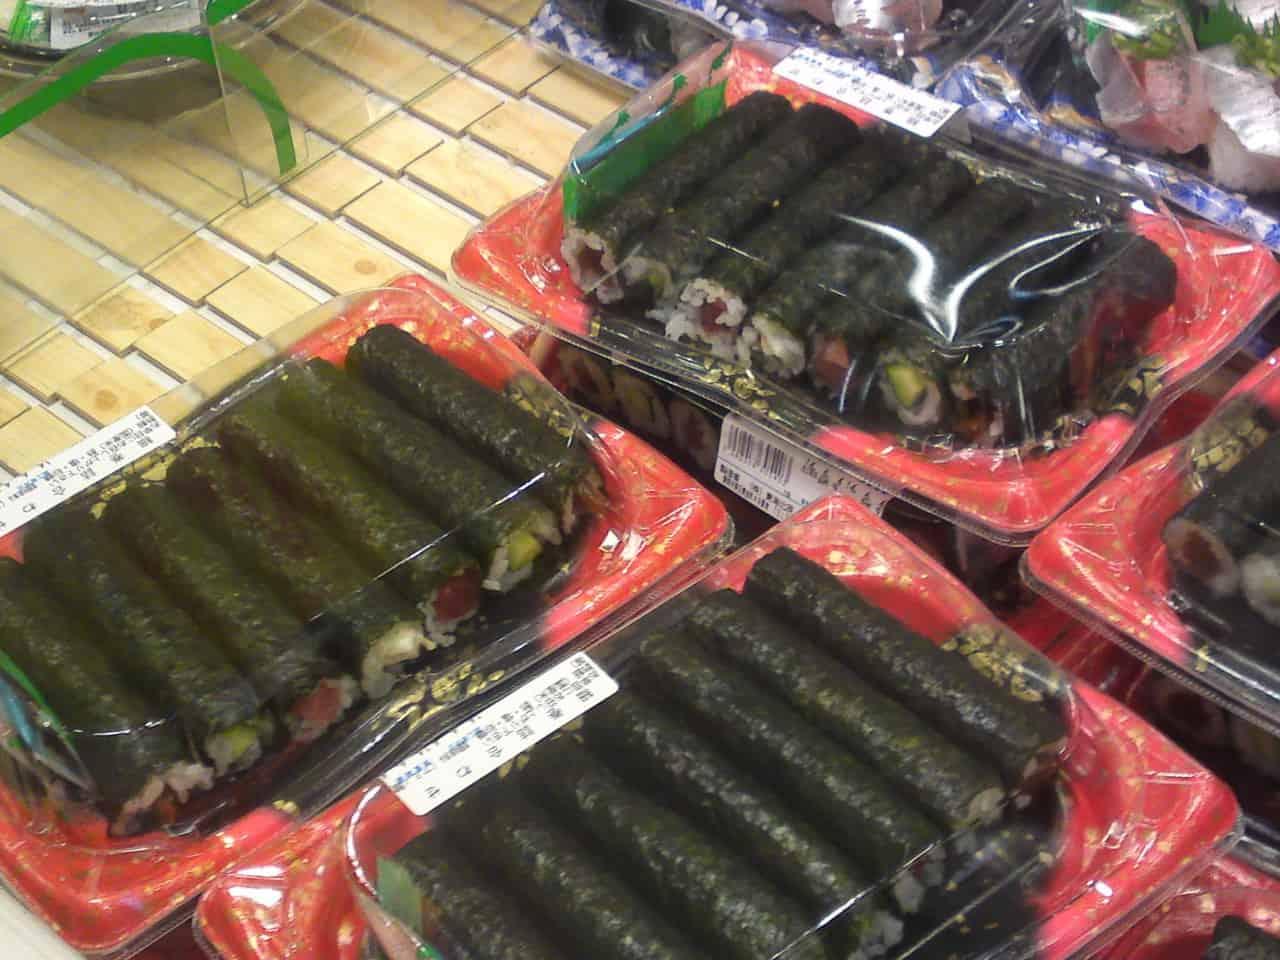 Hoso maki tsumiawase : assortiment de minces maki (sushis en rouleaux) !